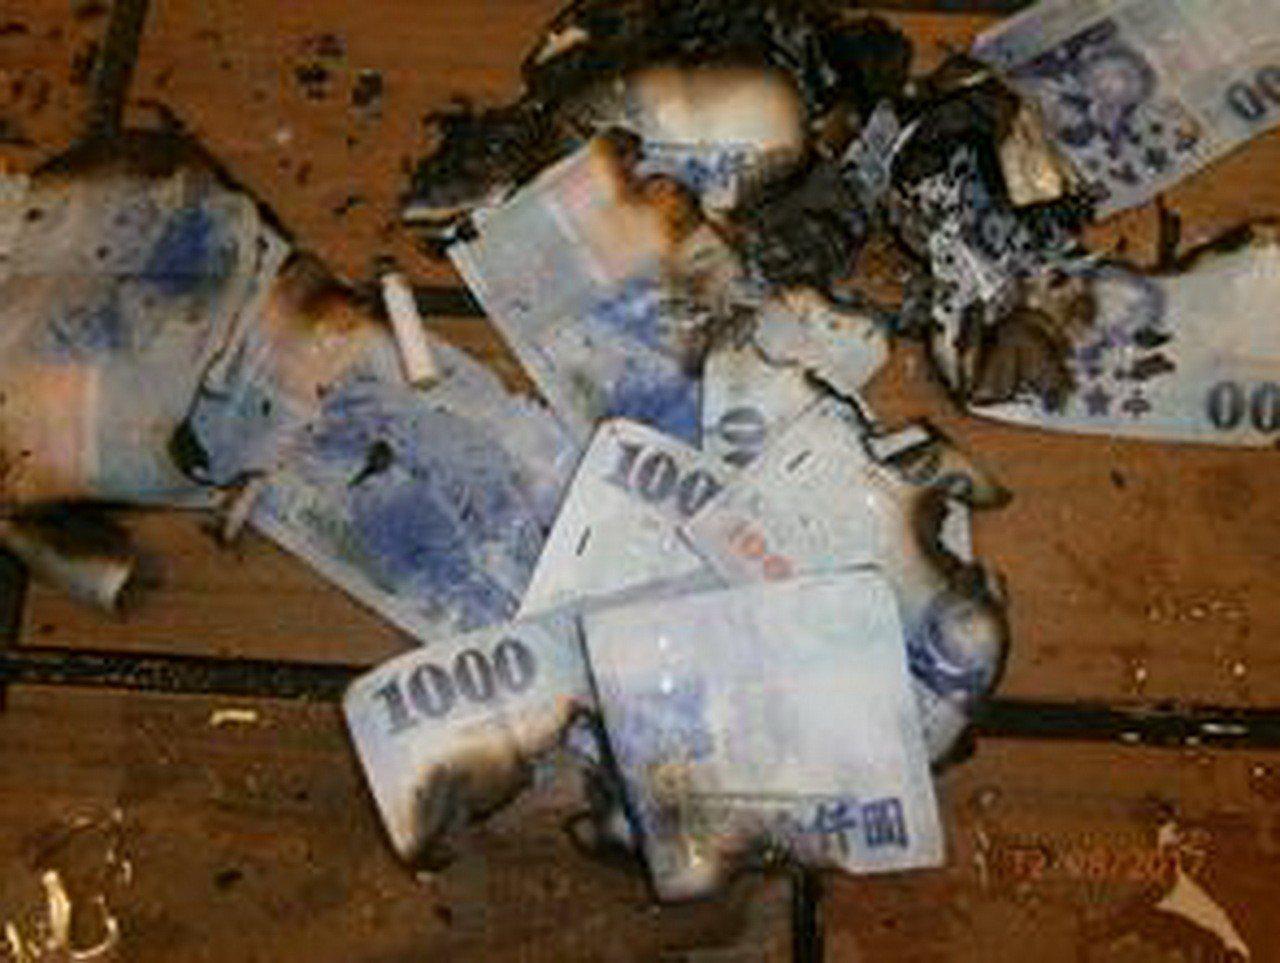 段姓男子去年一家麥當勞店內燒毀25張千元大鈔,被苗栗地院判罰1萬元,燒毀的紙鈔全...